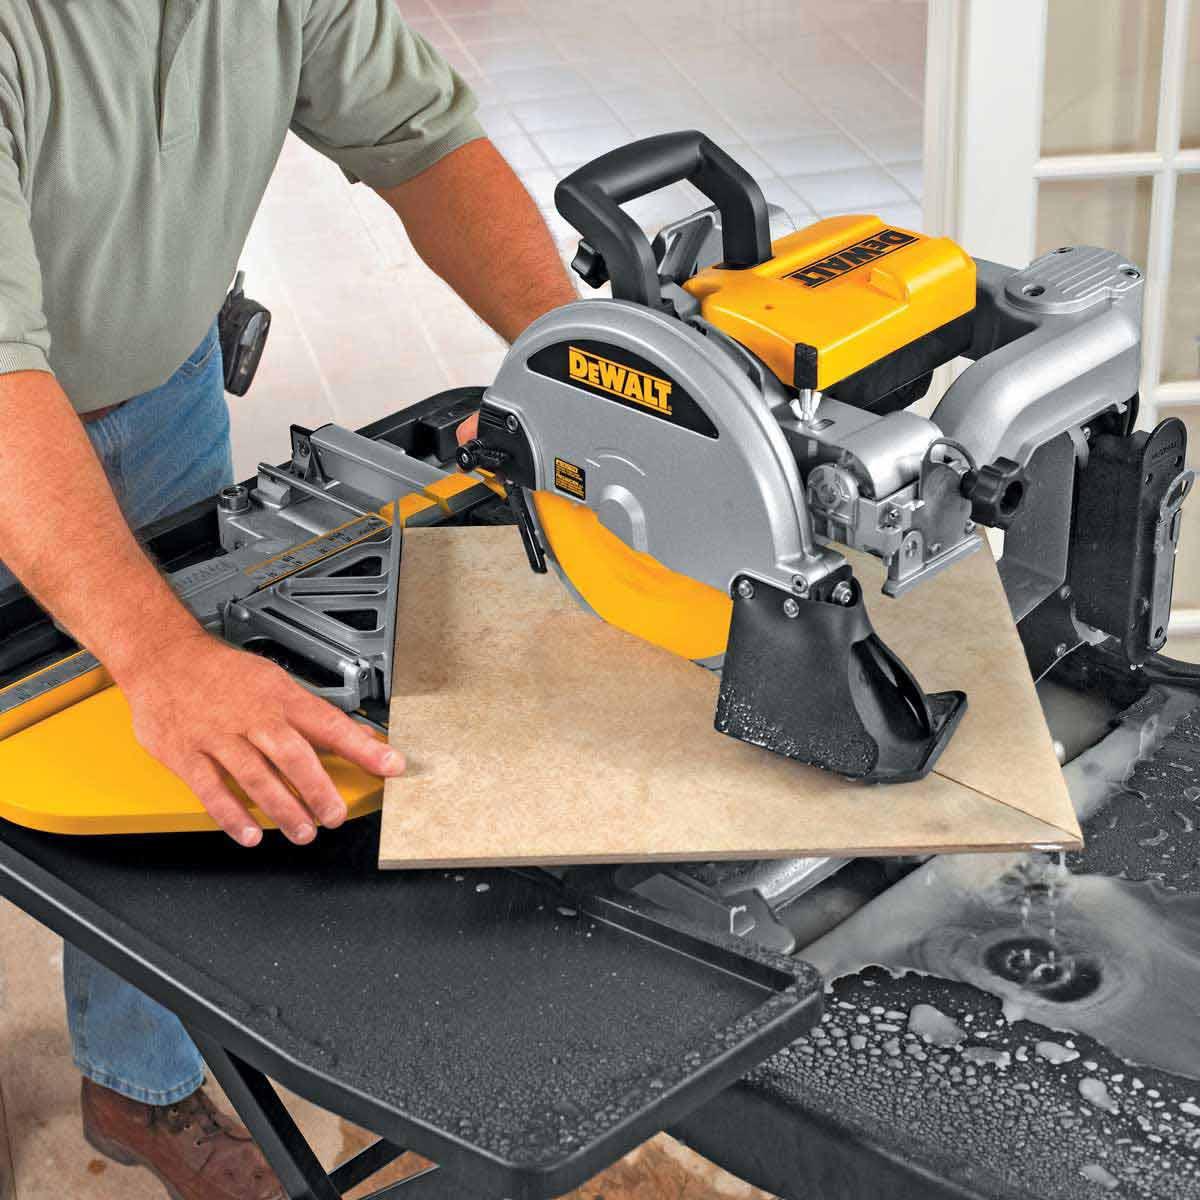 Dewalt D24000 Wet Tile Saw Contractors Direct